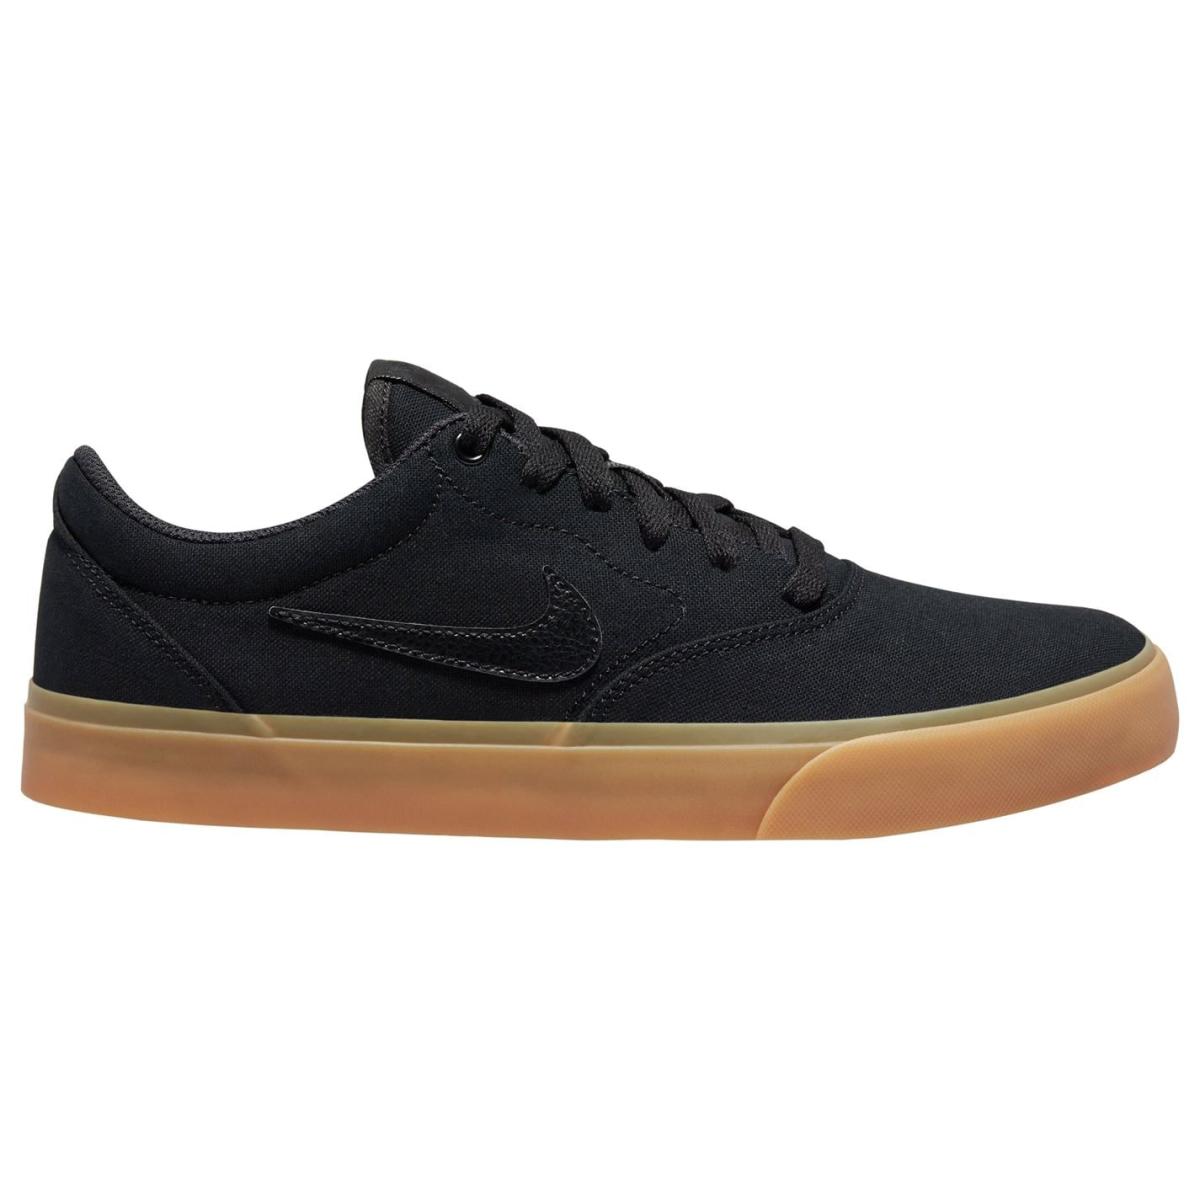 Nike SB Charge Solarsoft Skateschuhe Herren Skaterschuhe Turnschuhe Skate 2162